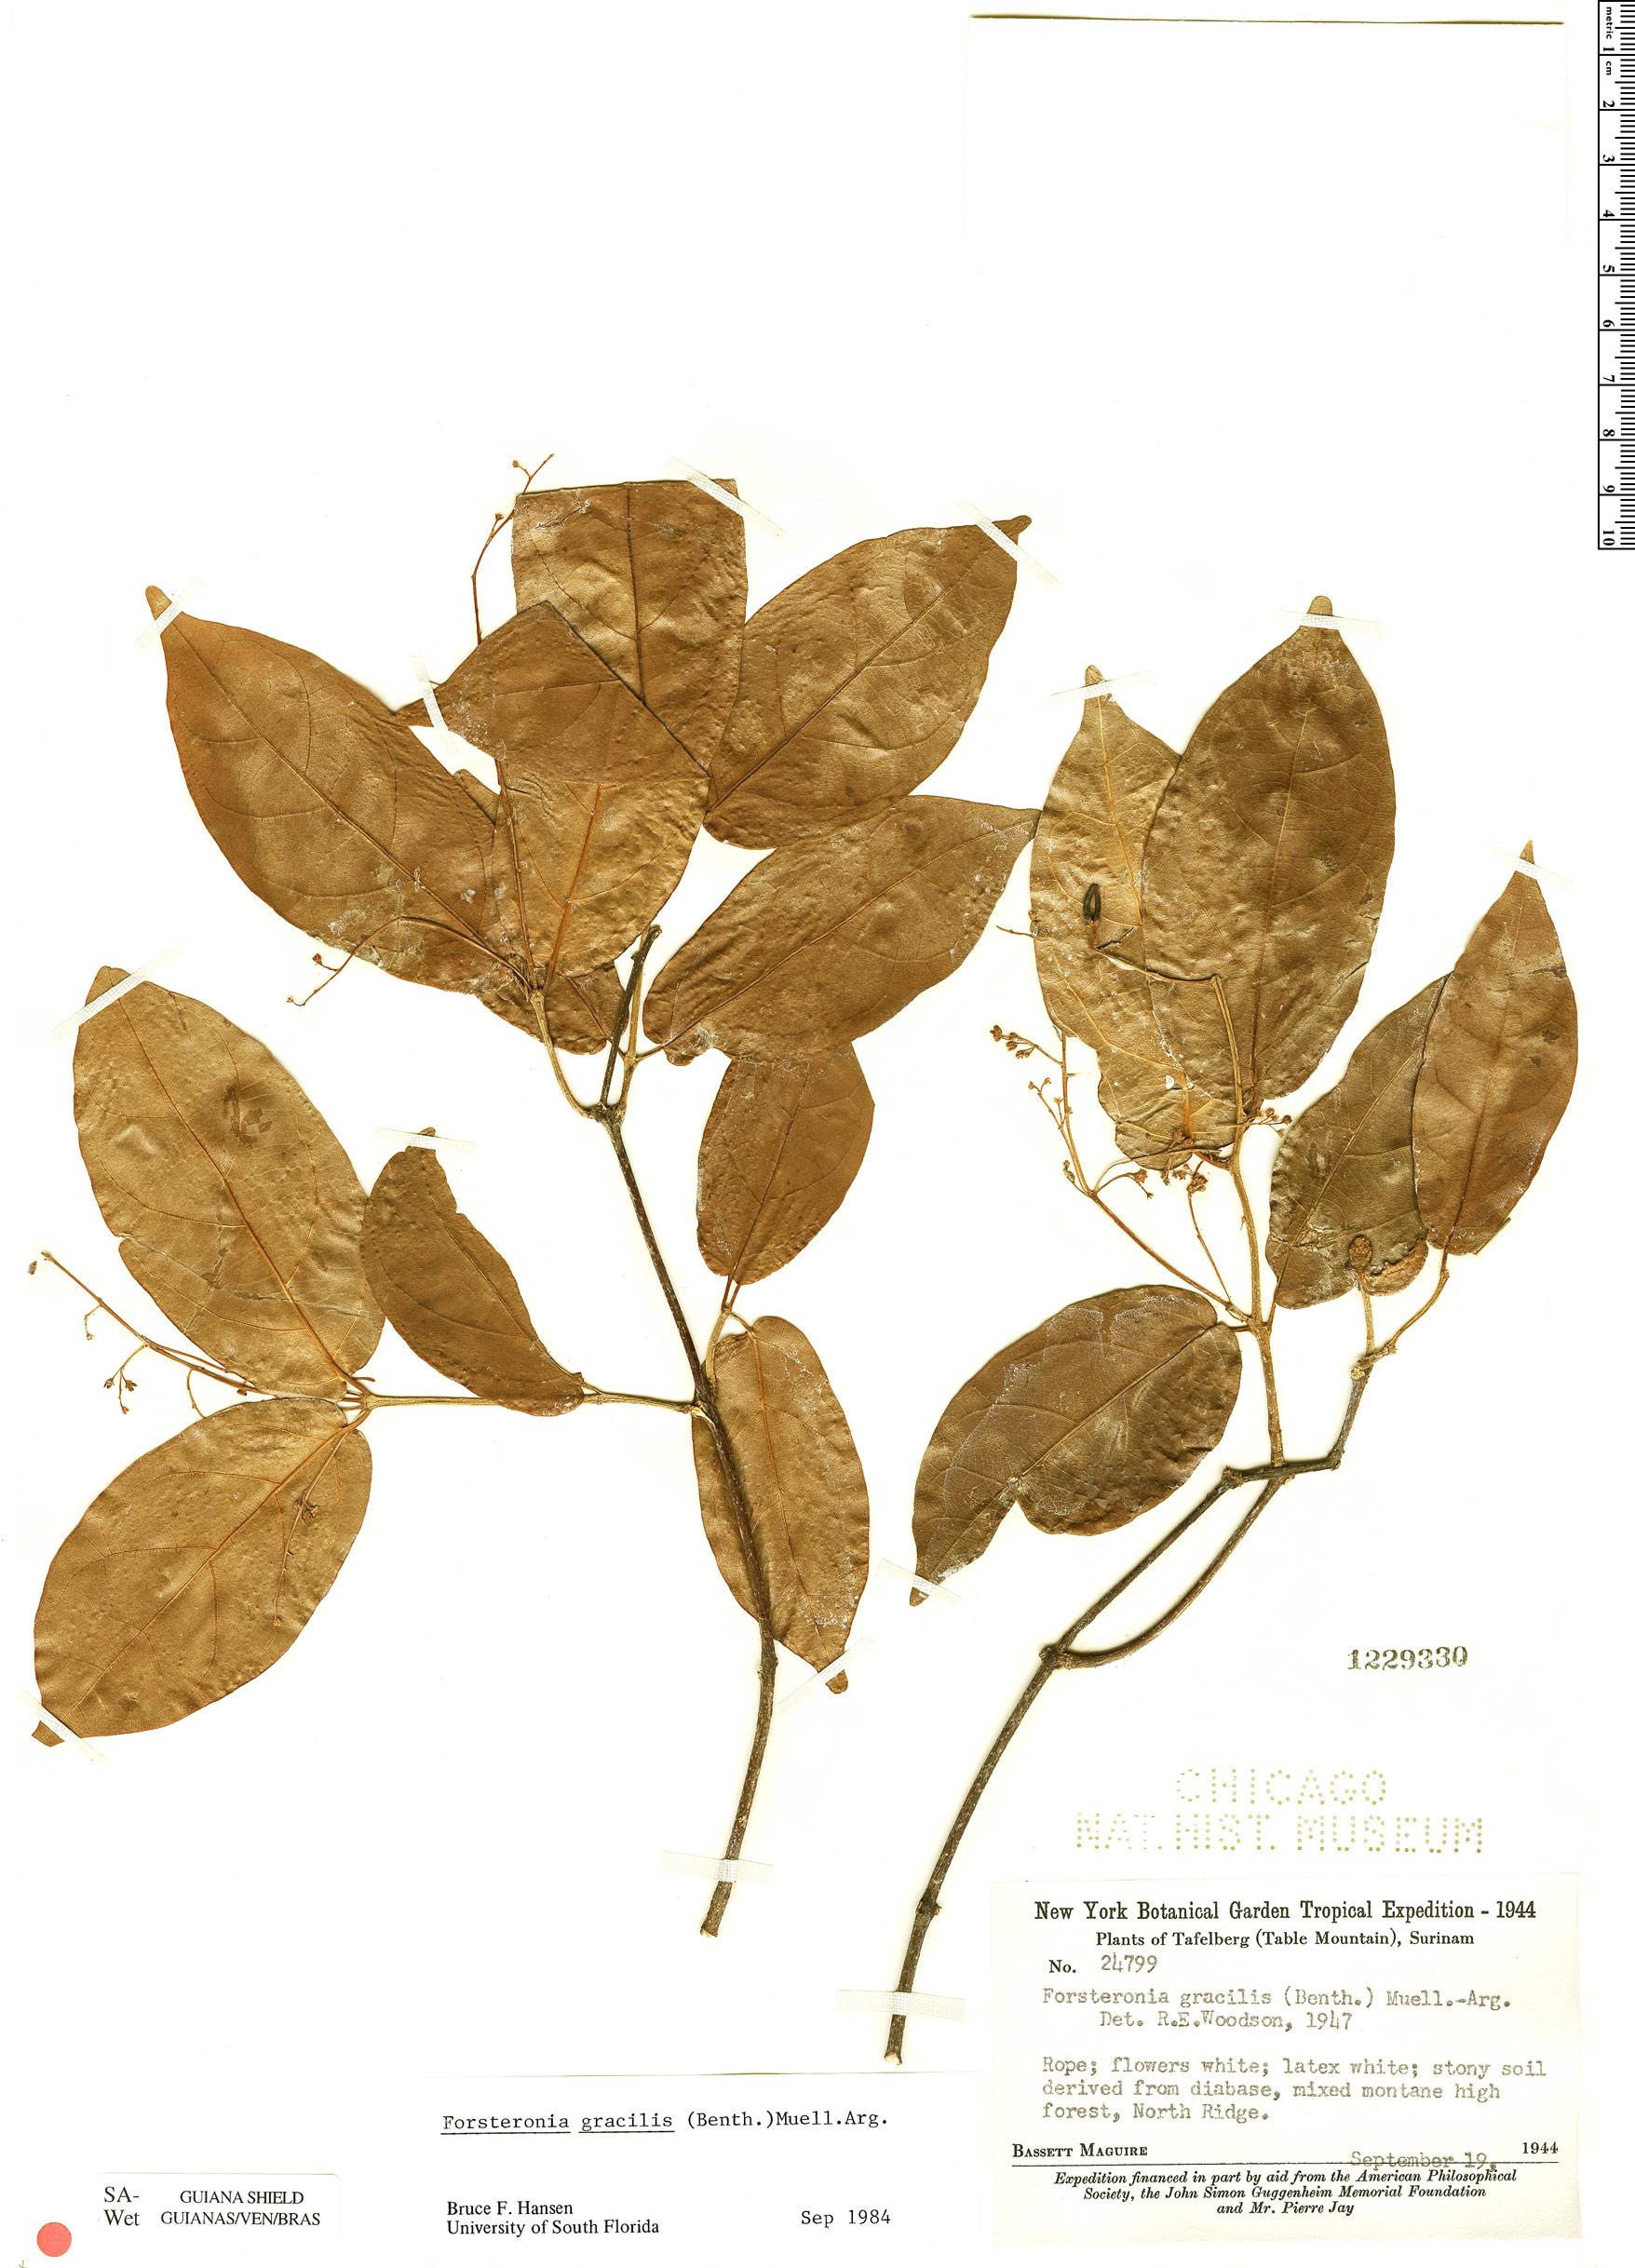 Specimen: Forsteronia gracilis